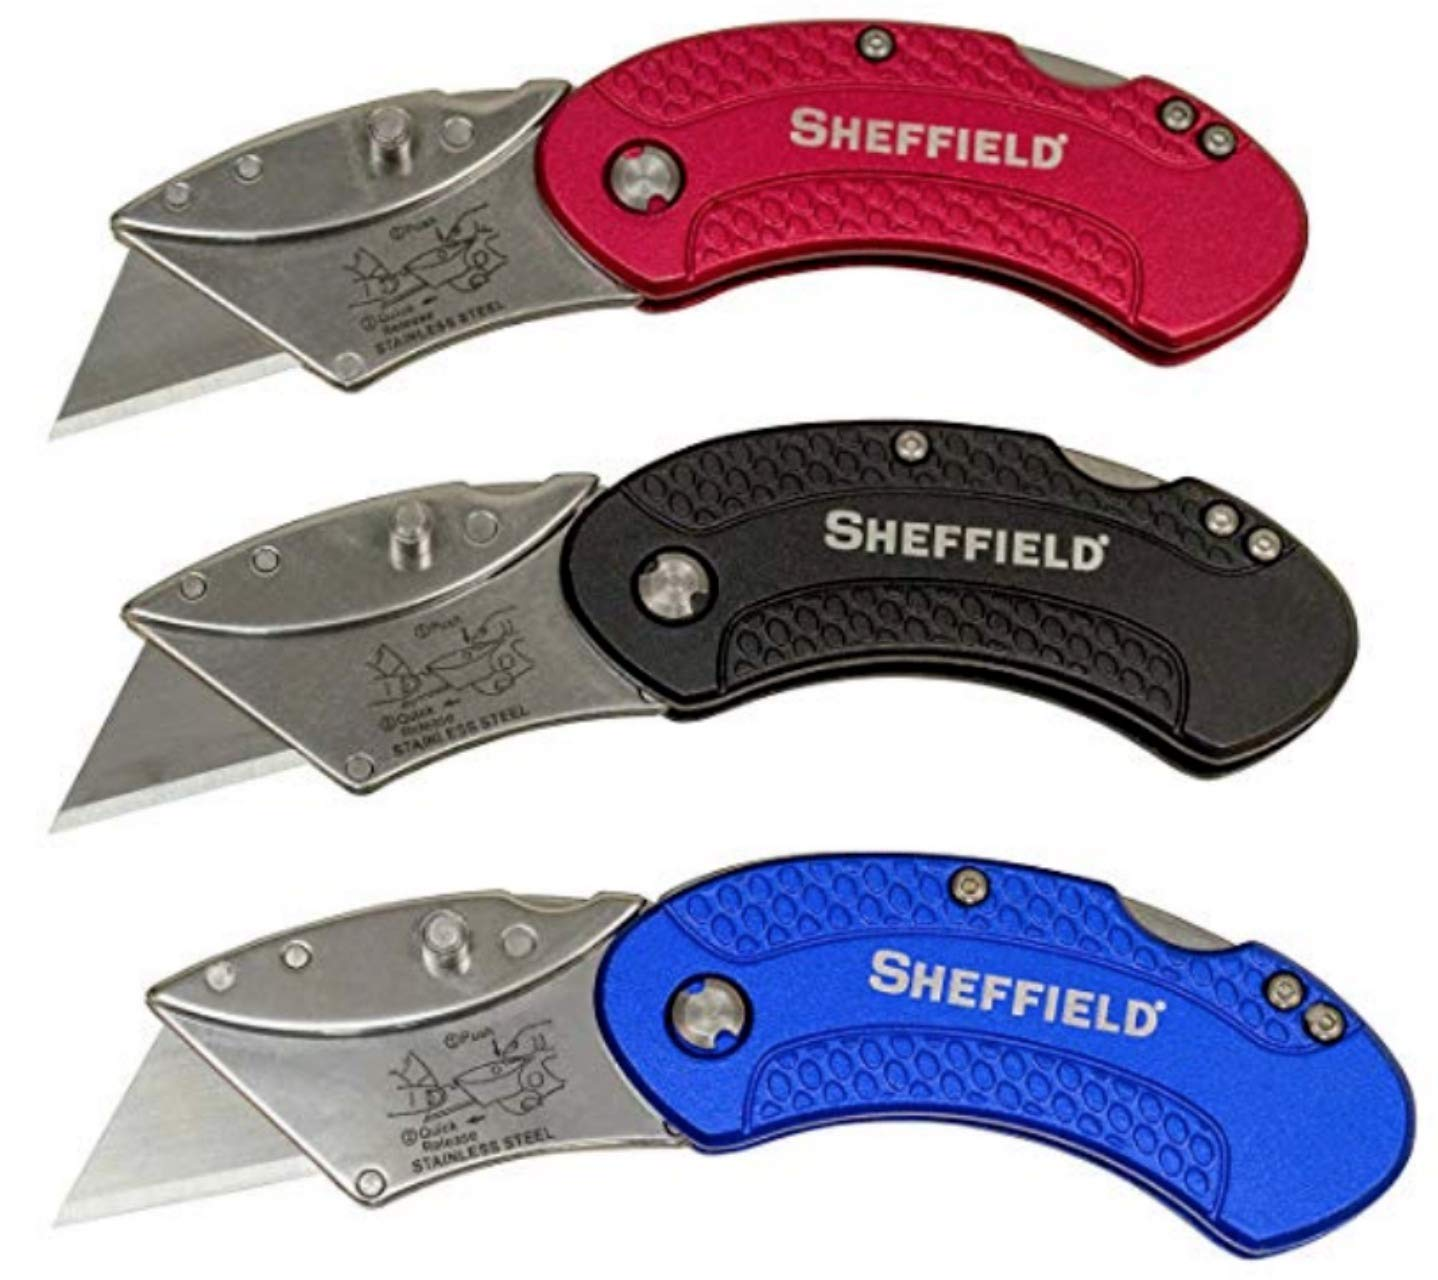 Sheffield Utility Knife Set by Sheffield (Image #1)